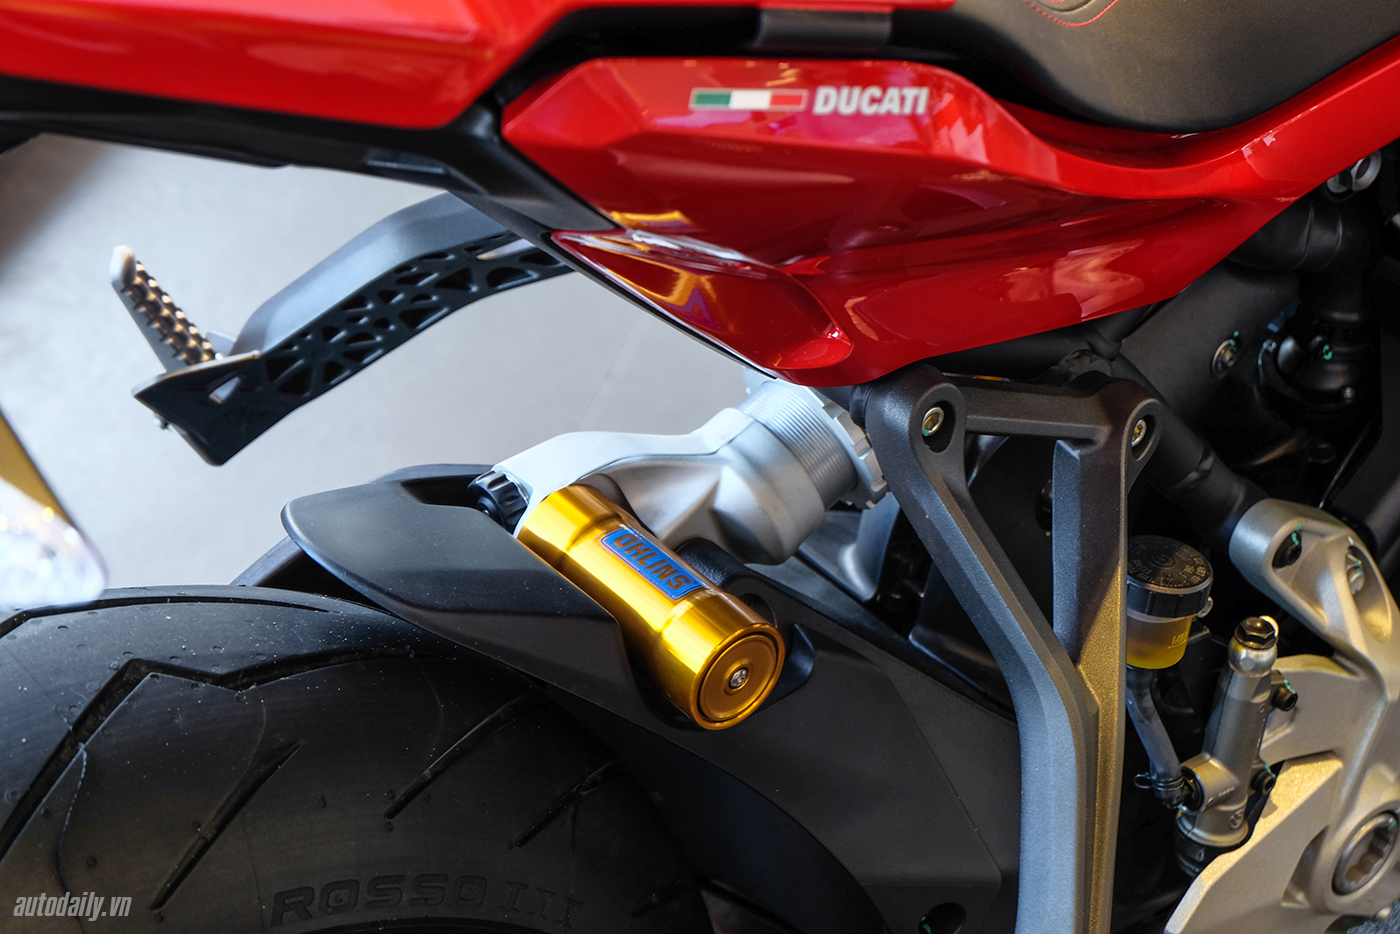 ducati-supersport-s-8.jpg